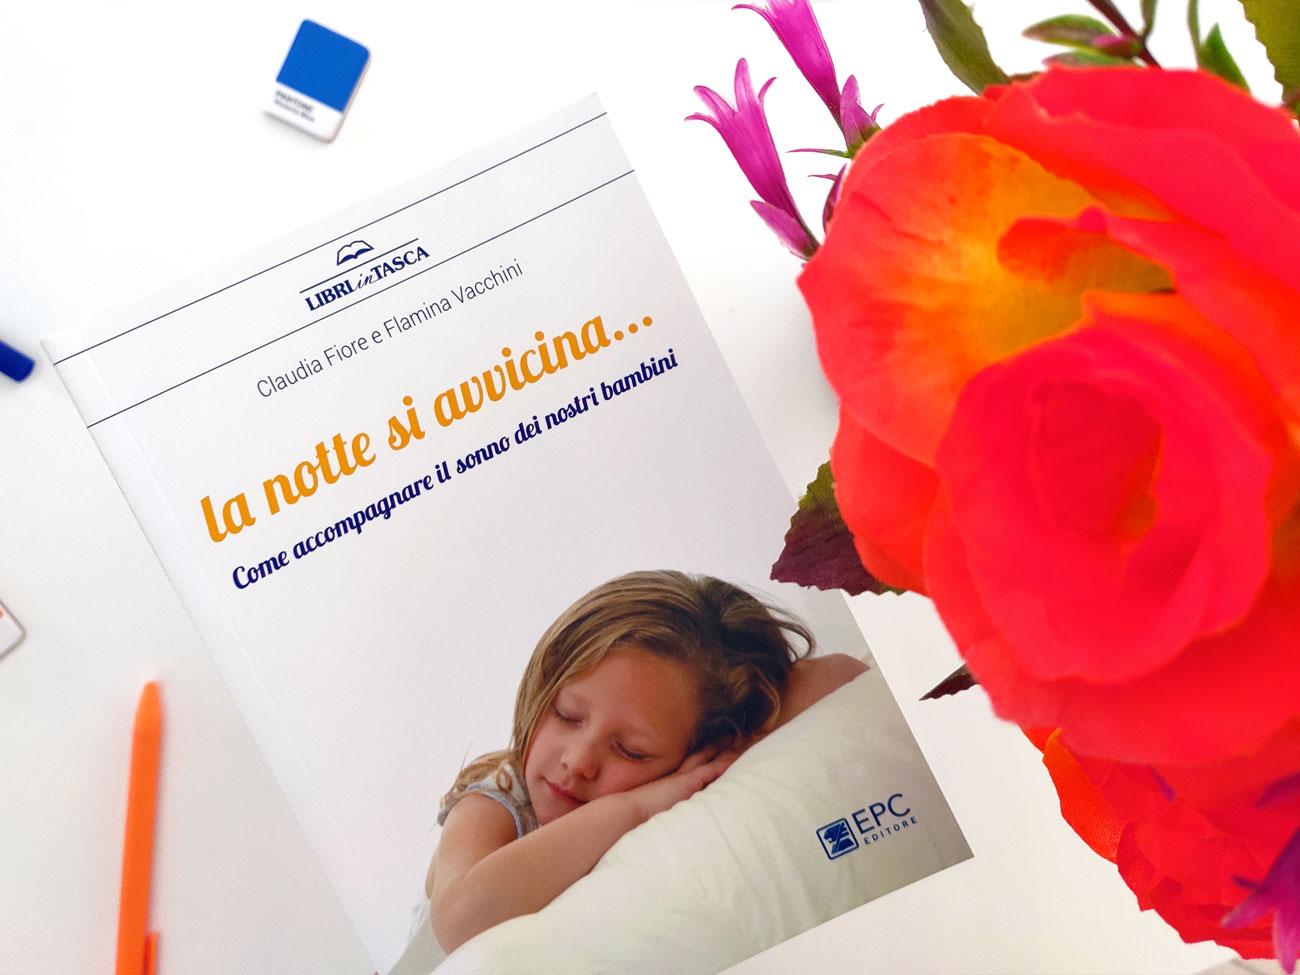 come-far-addormentare-i-bambini-libri-migliori-mamme-neonati